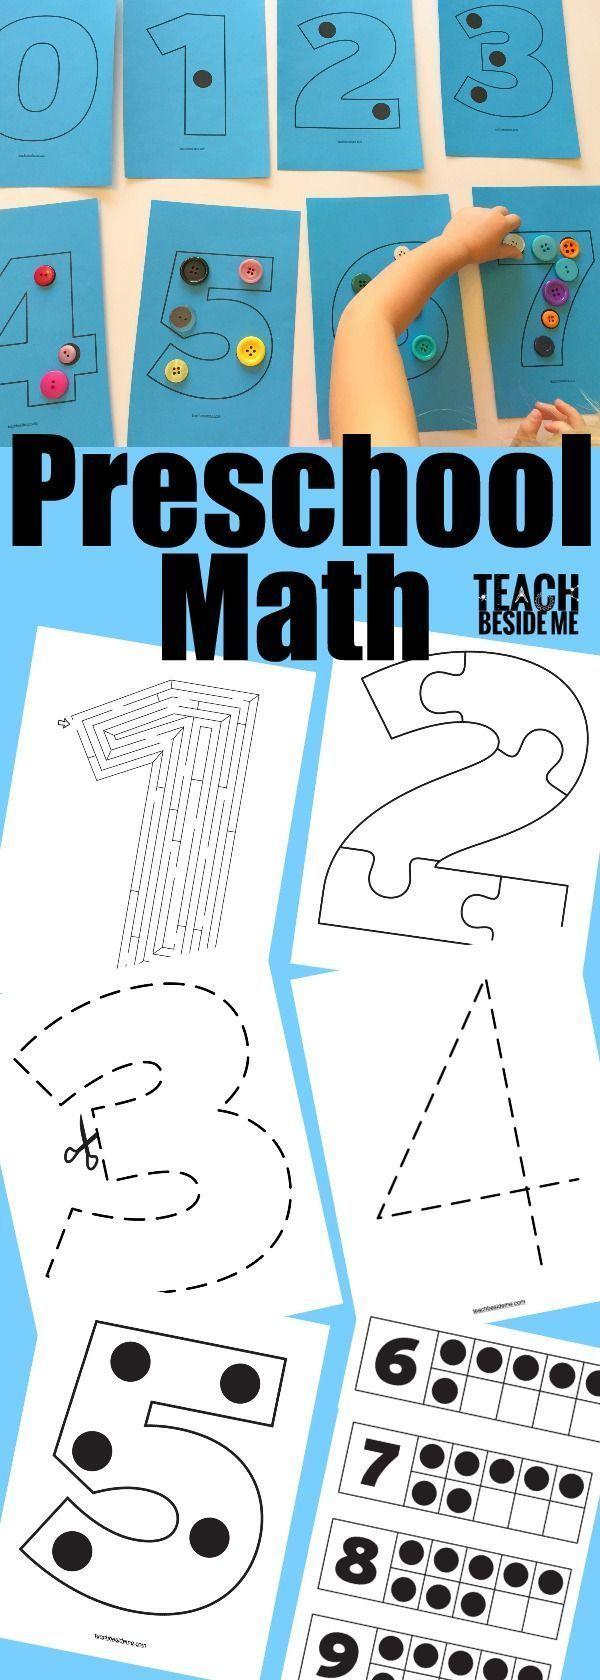 Preschool Math Activities | Preschool & Kinder Math | Pinterest ...